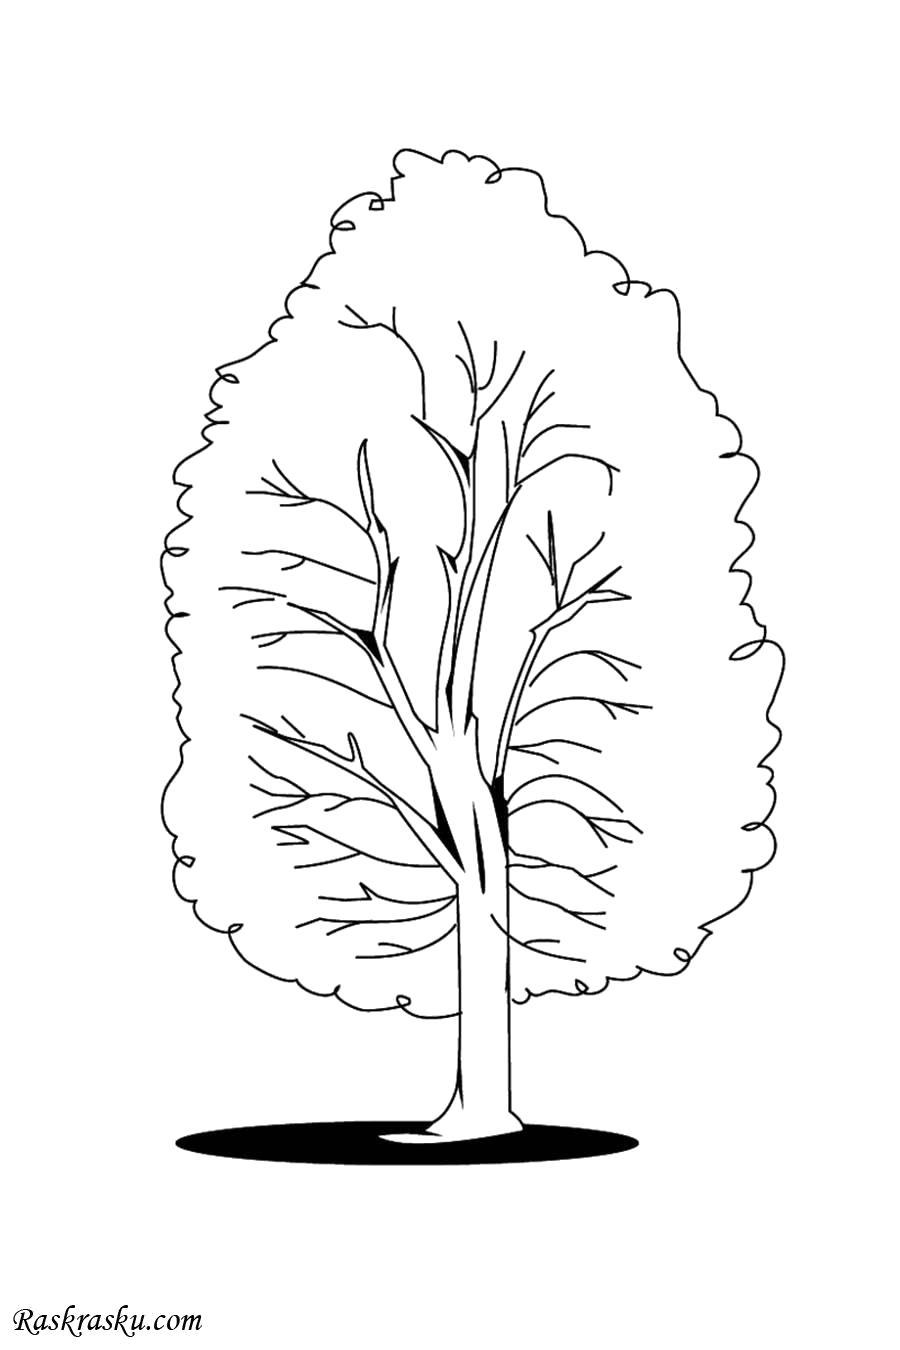 Раскраска Тополь. Скачать деревья.  Распечатать деревья